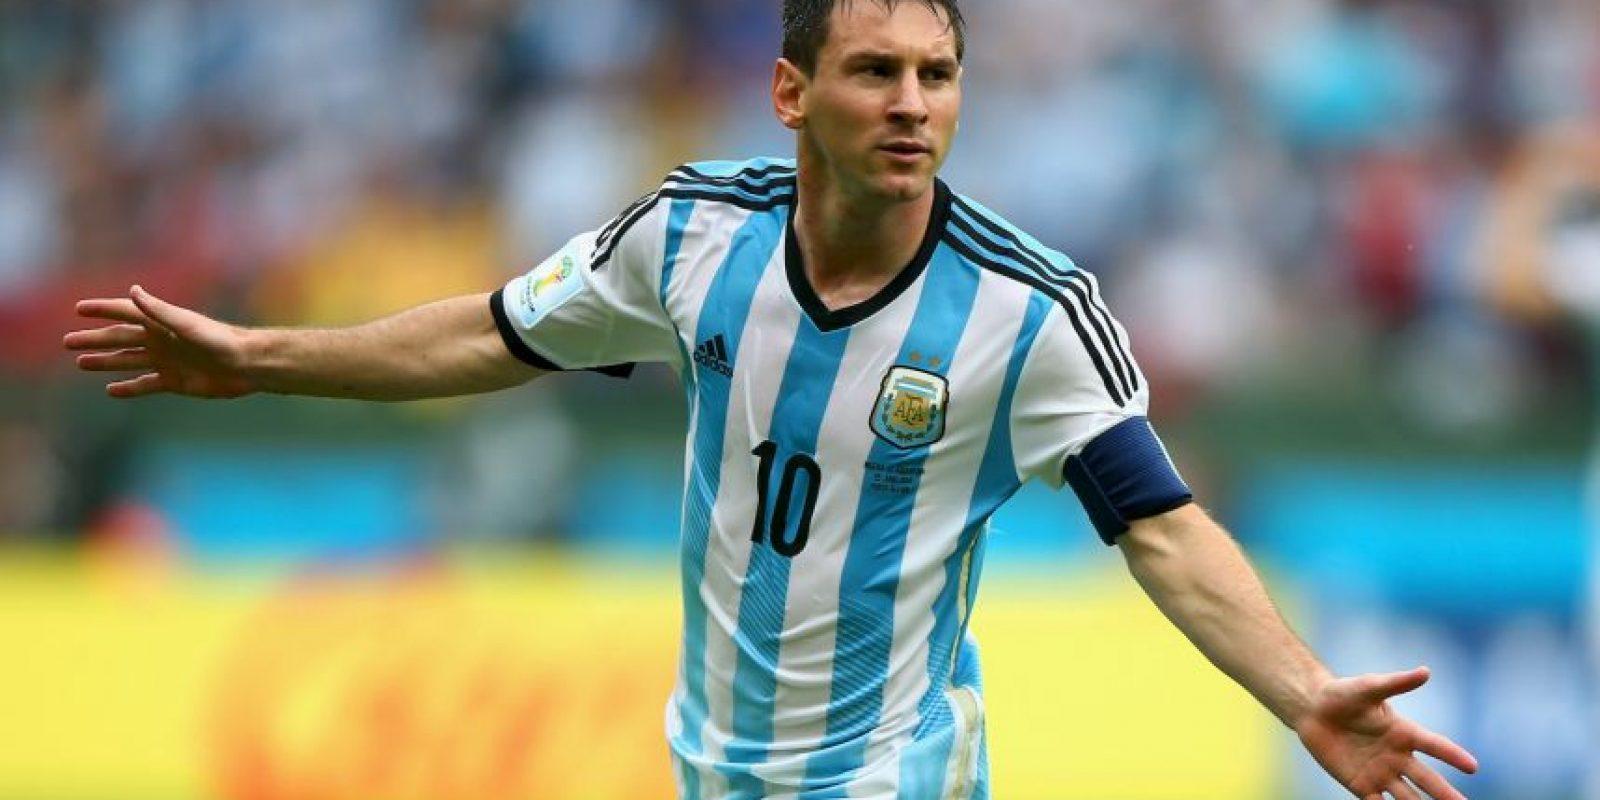 La carta de Lionel Messi está valorada en 120 millones de euros, según Transfermarkt. Foto:Getty Images